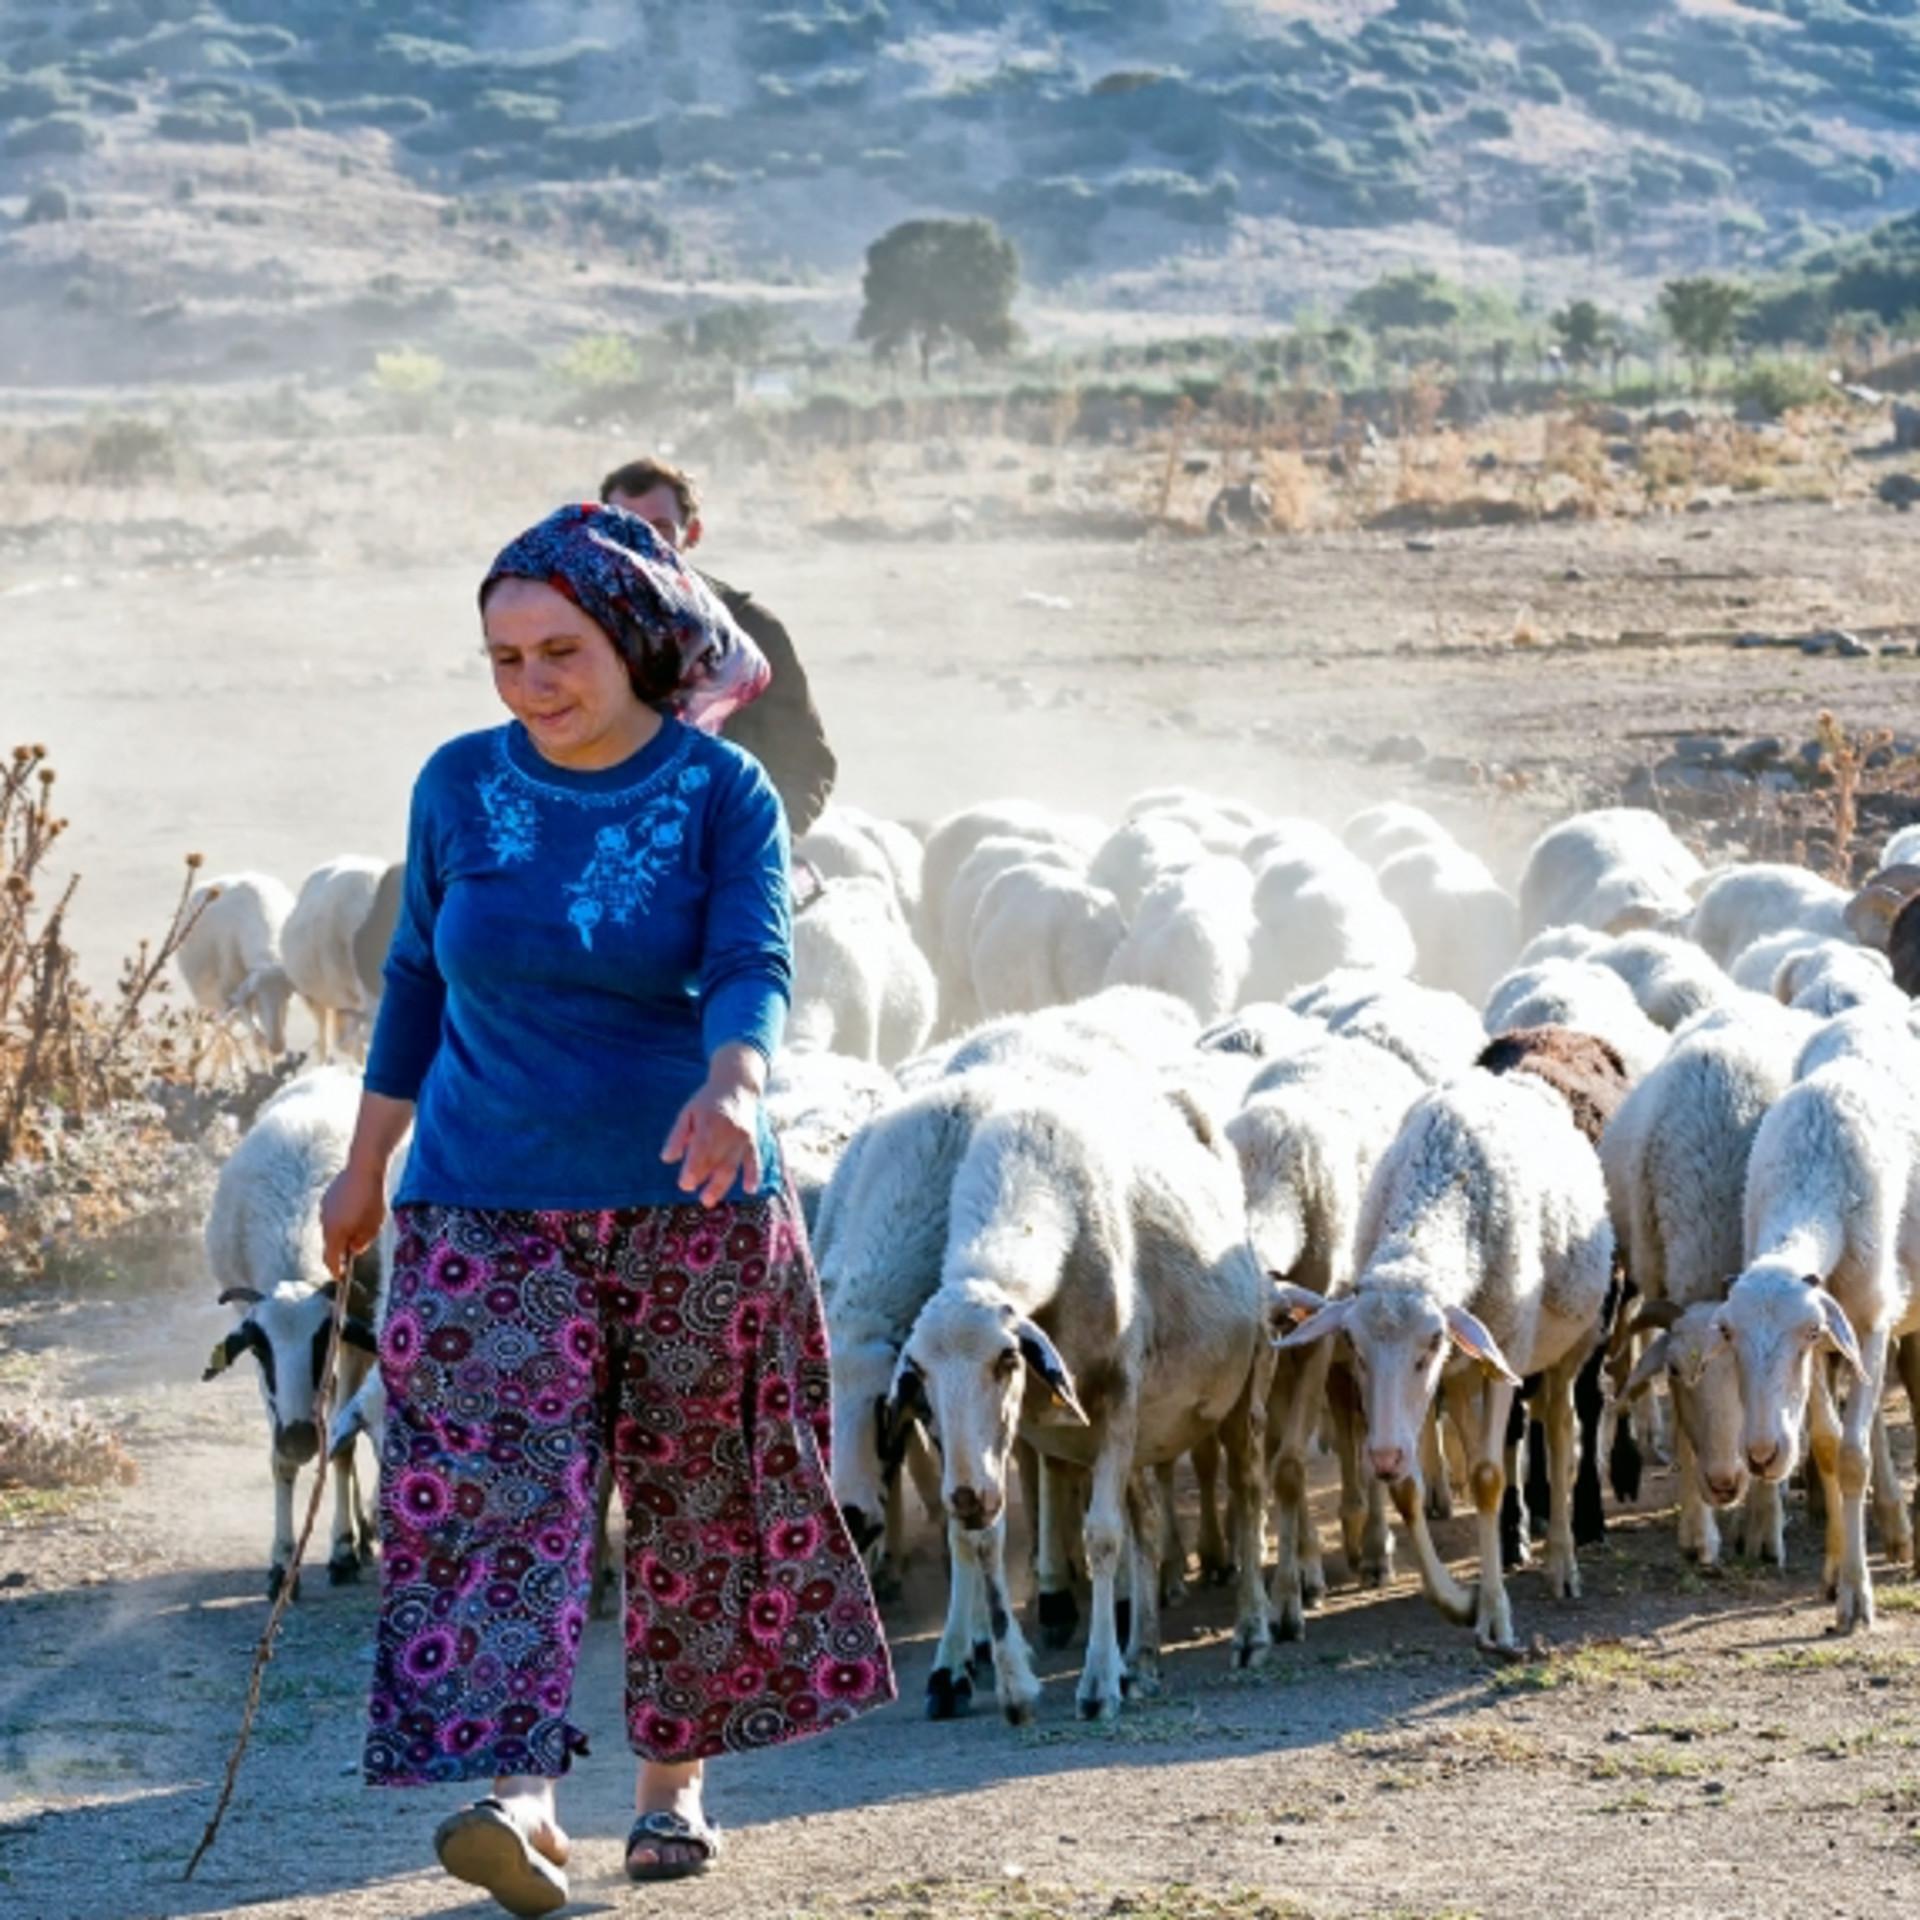 koy_gazipasa_turkish_way.jpg